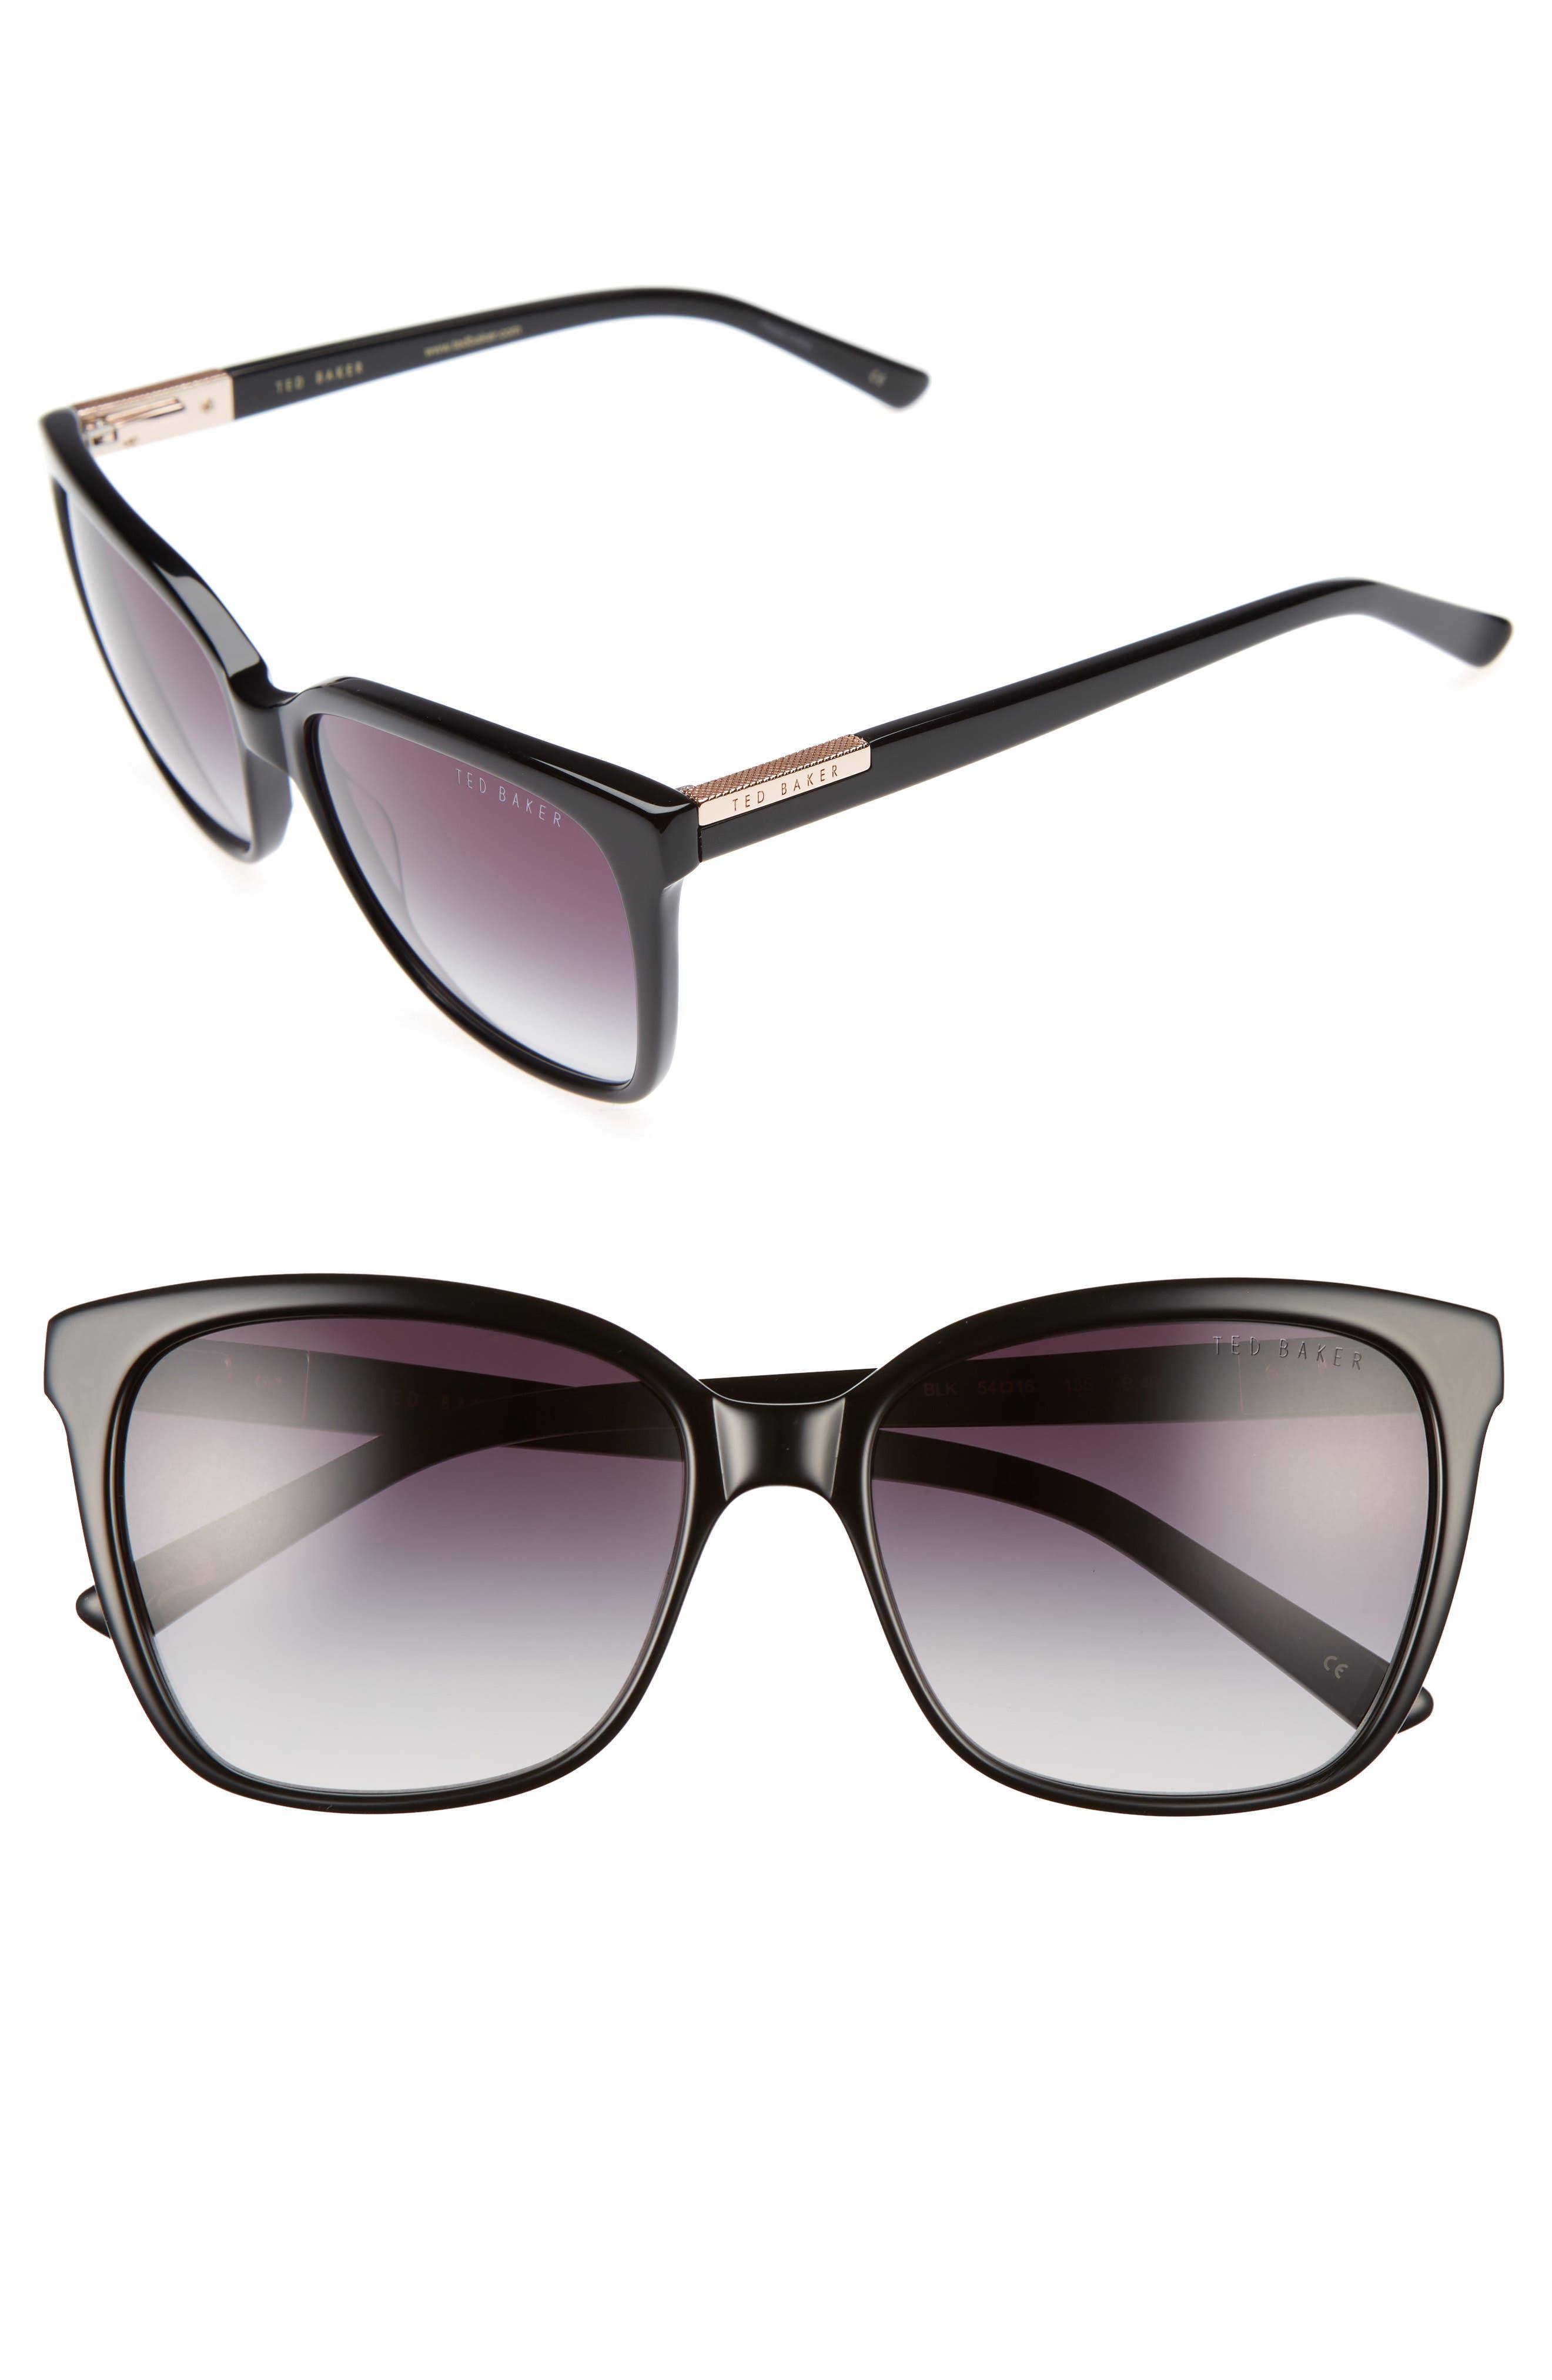 54mm Gradient Lens Square Sunglasses,                             Main thumbnail 1, color,                             001